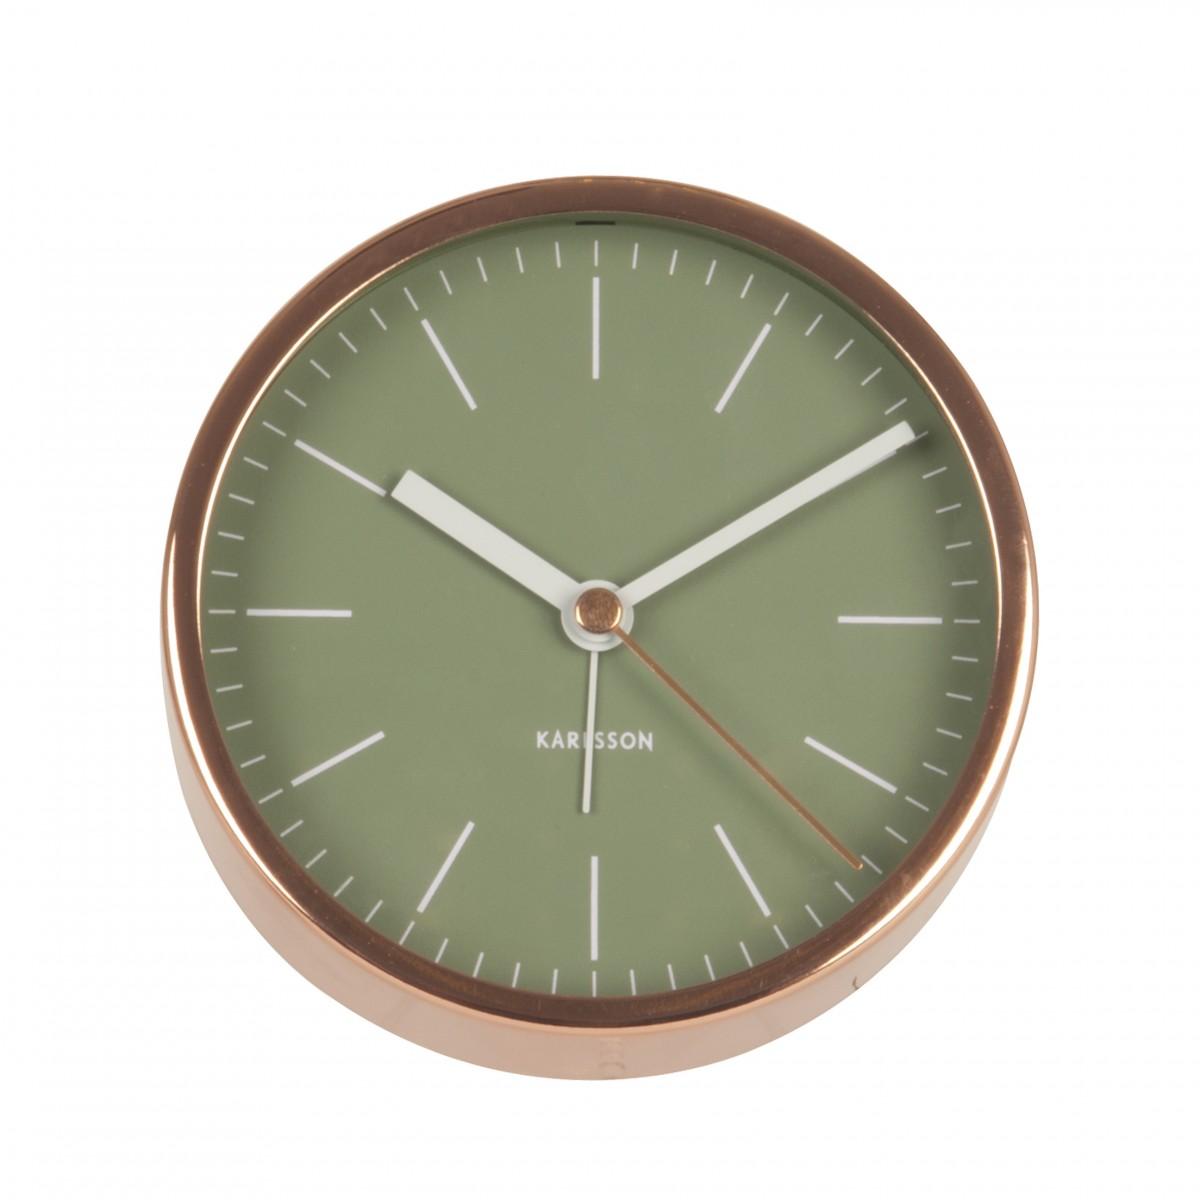 Ceas cu alarmă MInimal verde cu ramă de nuanța cuprului, Karlsson